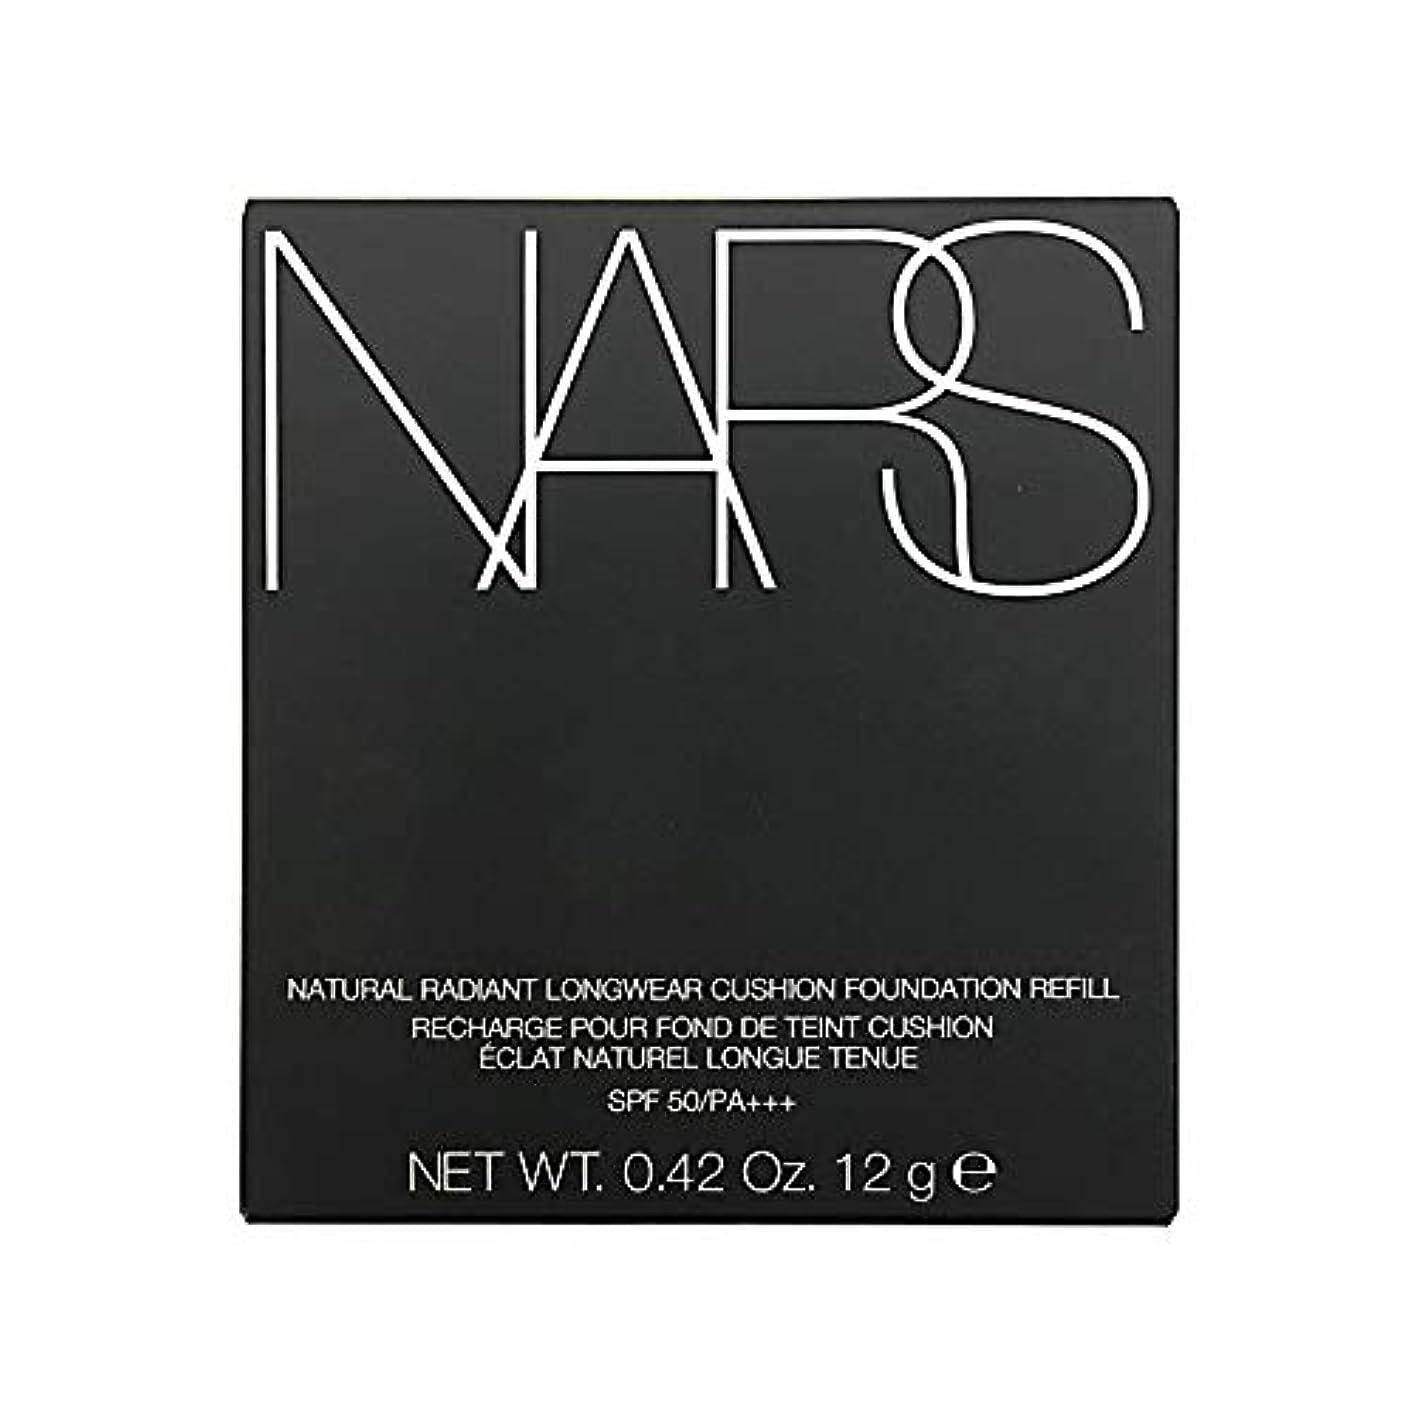 新着分ポインタナーズ/NARS ナチュラルラディアント ロングウェア クッションファンデーション(レフィル)#5879 [ クッションファンデ ] [並行輸入品]